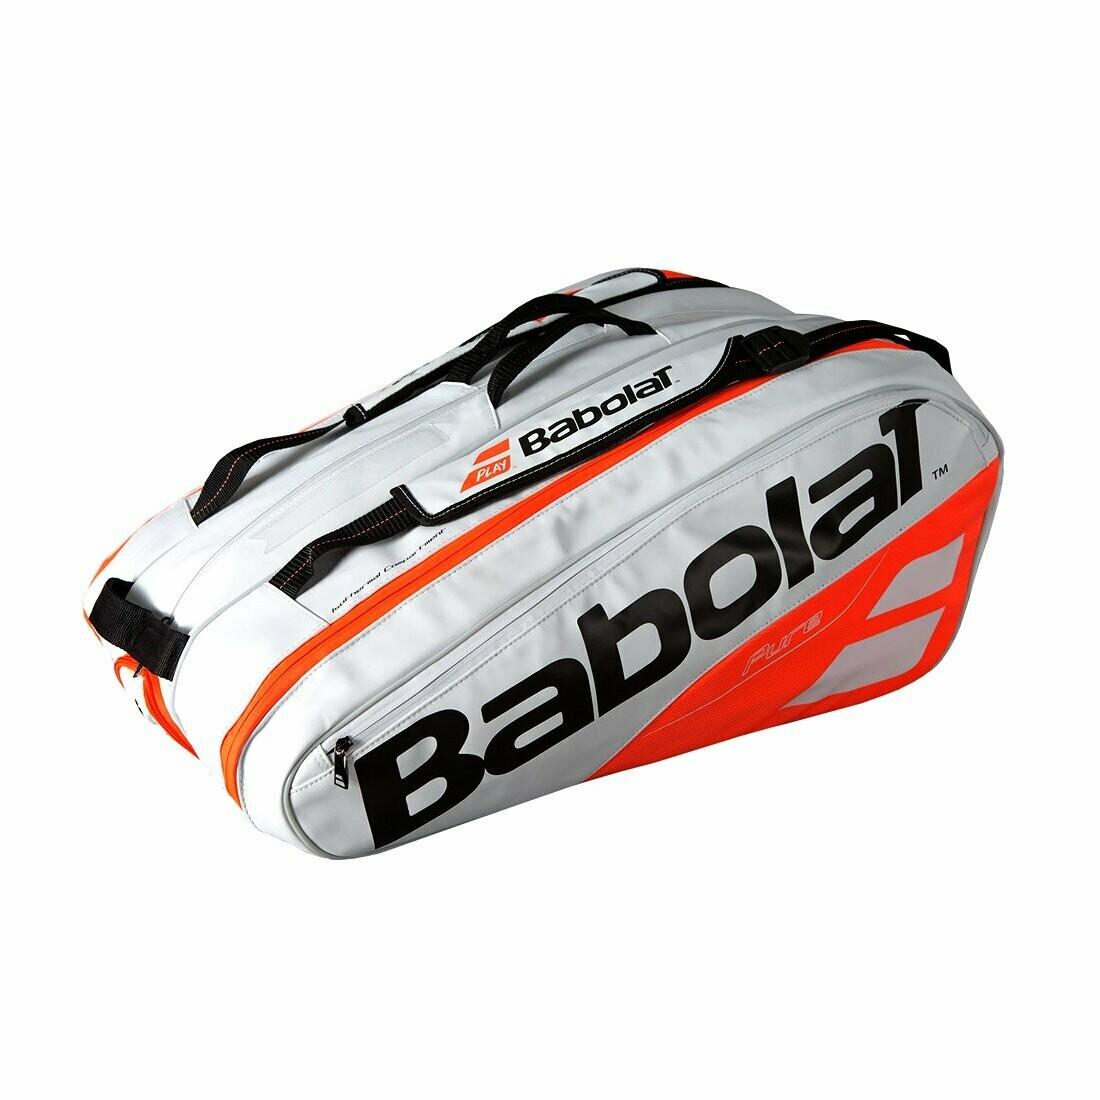 Babolat RHx12 Pure Strike Tennis Kit Bag (White red)